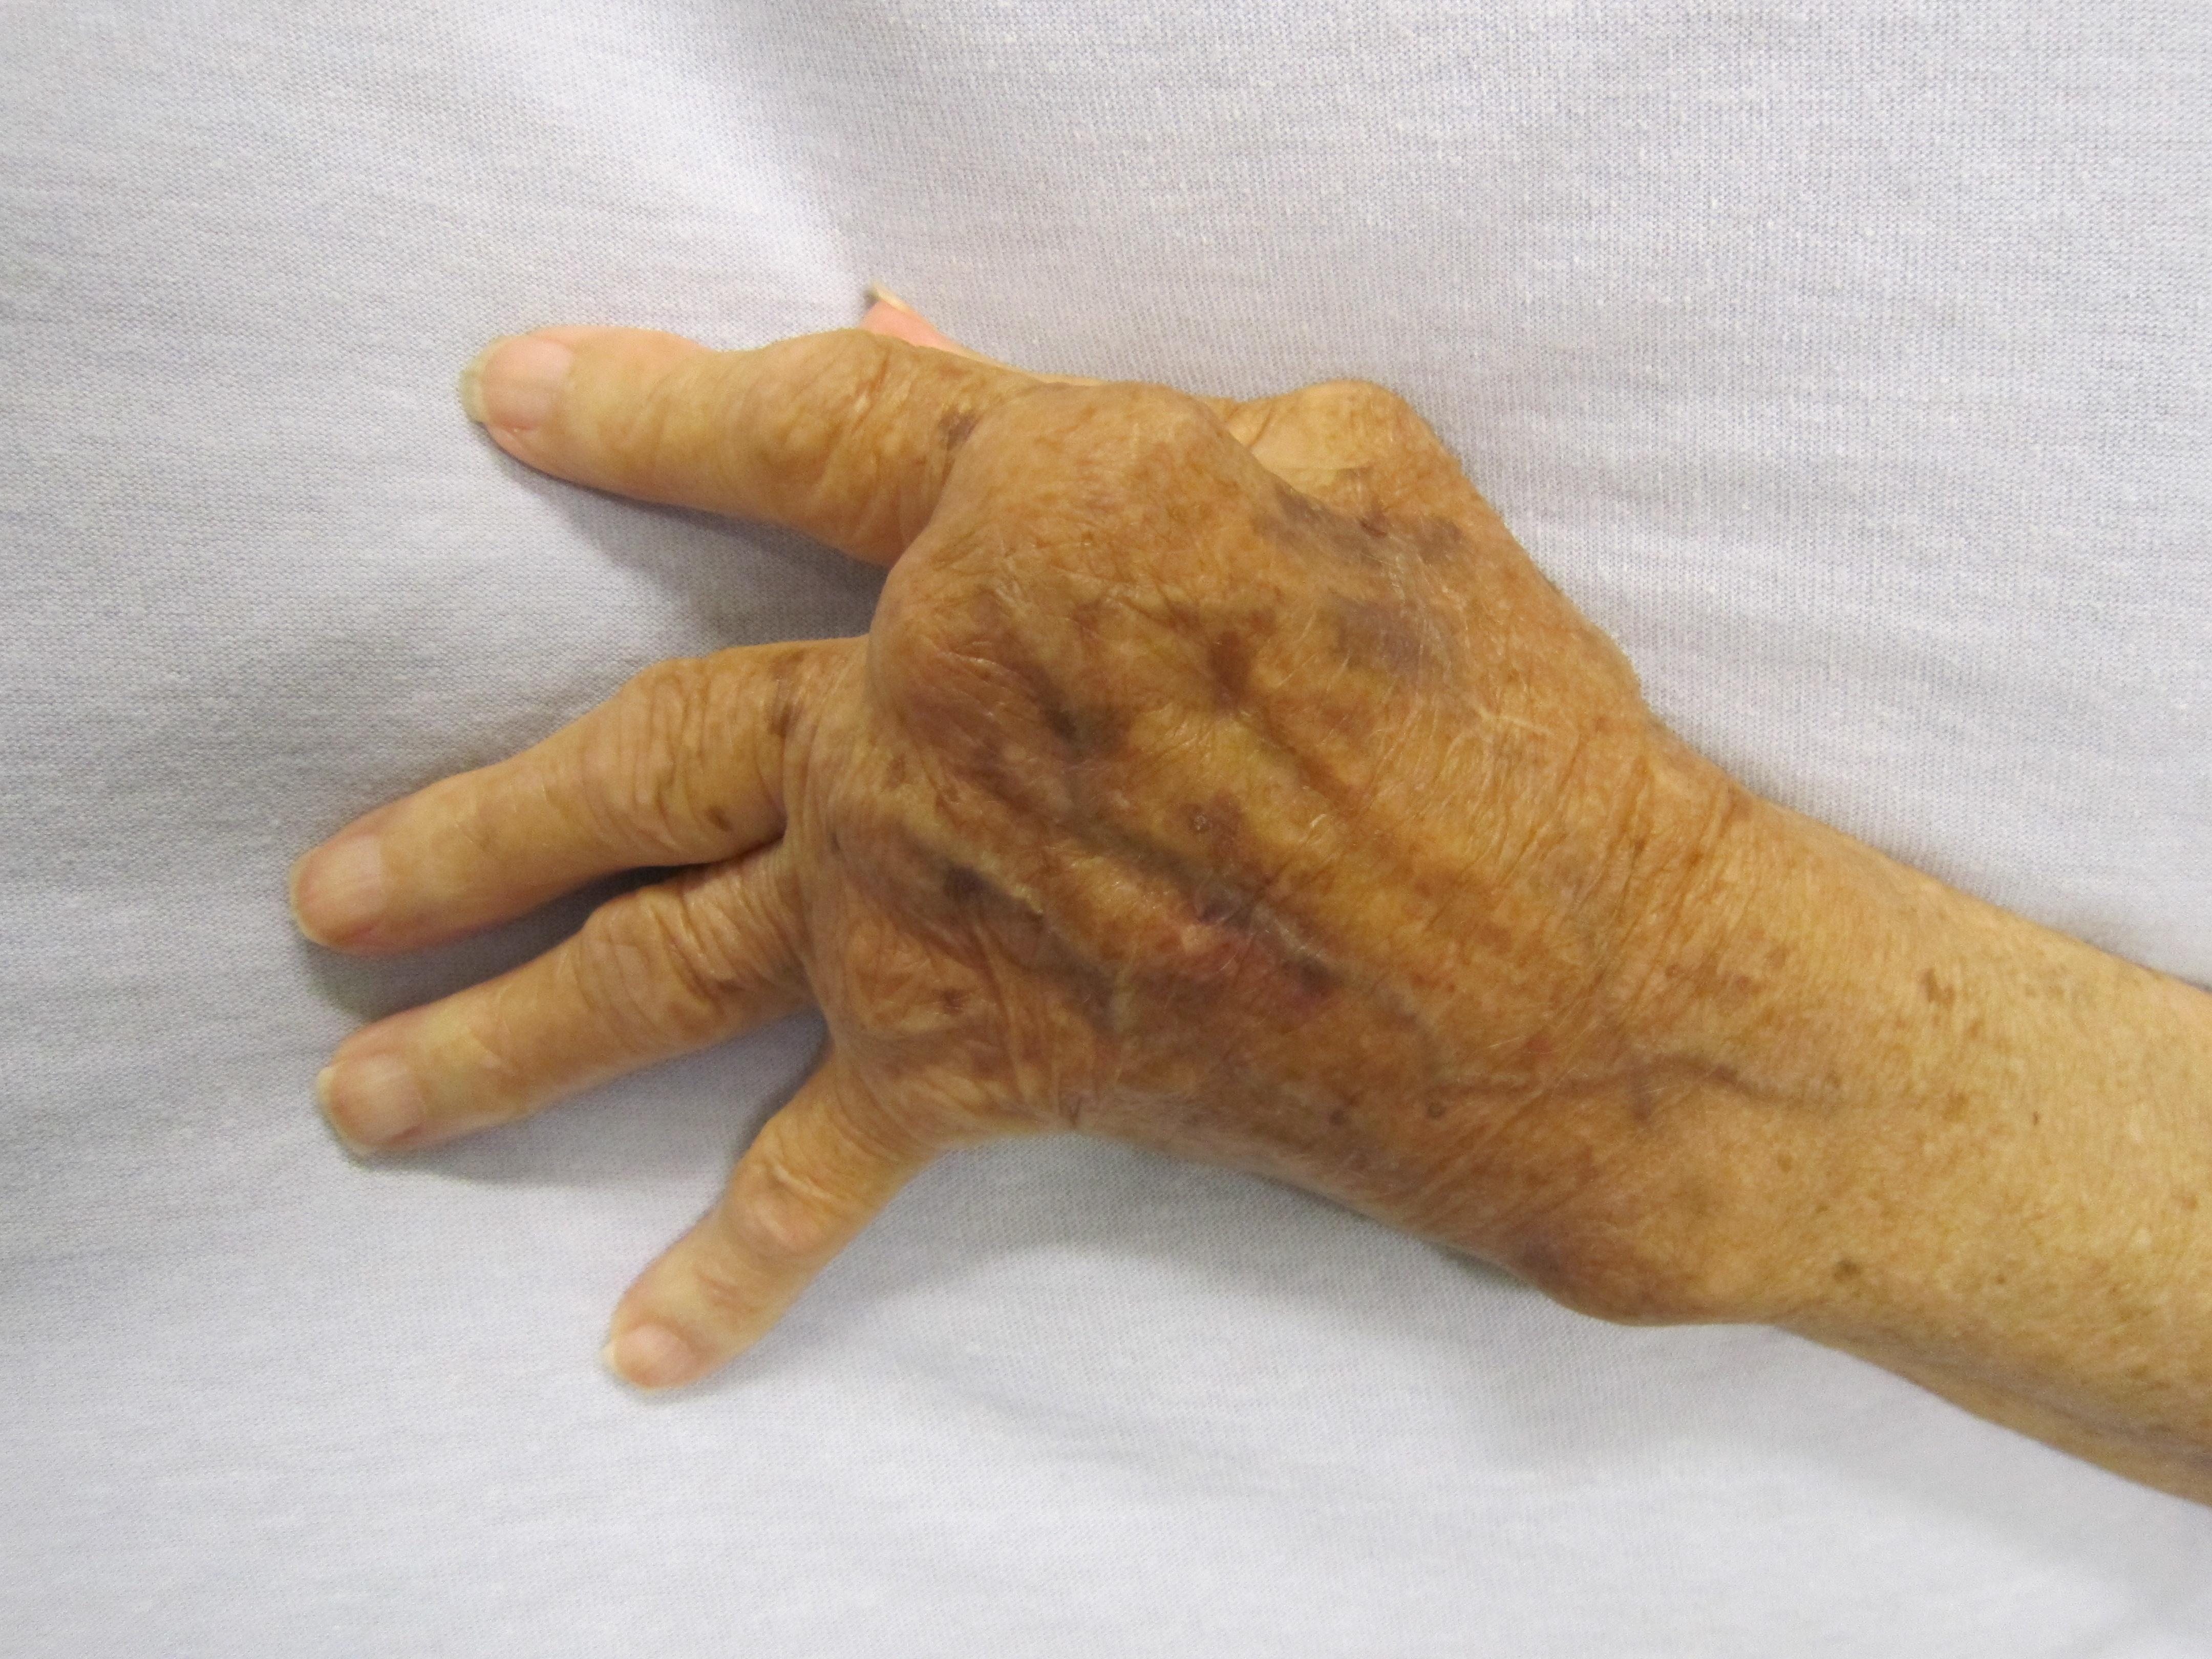 gyógyszer az ujjak artrózisának kezelésére ízületi fájdalom a kezén, mint kezelni